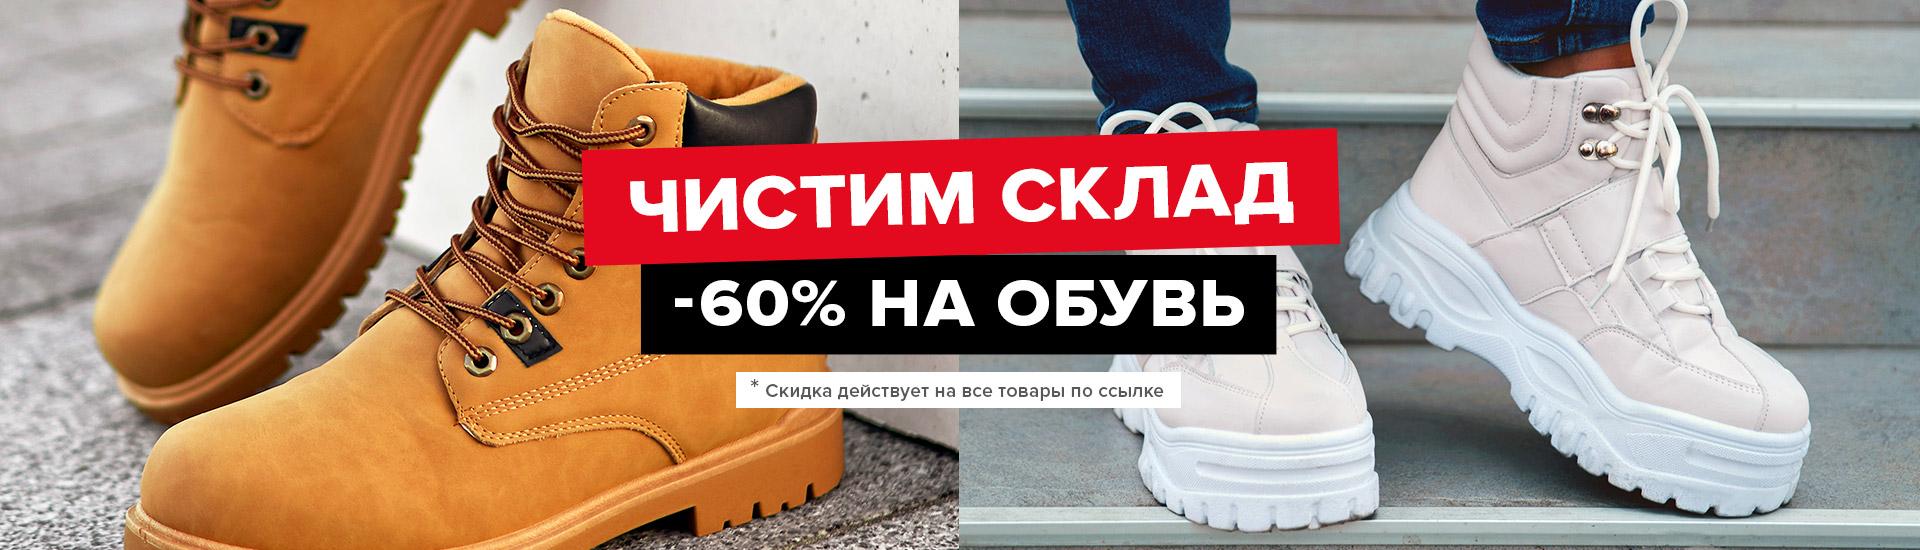 -60% на обувь